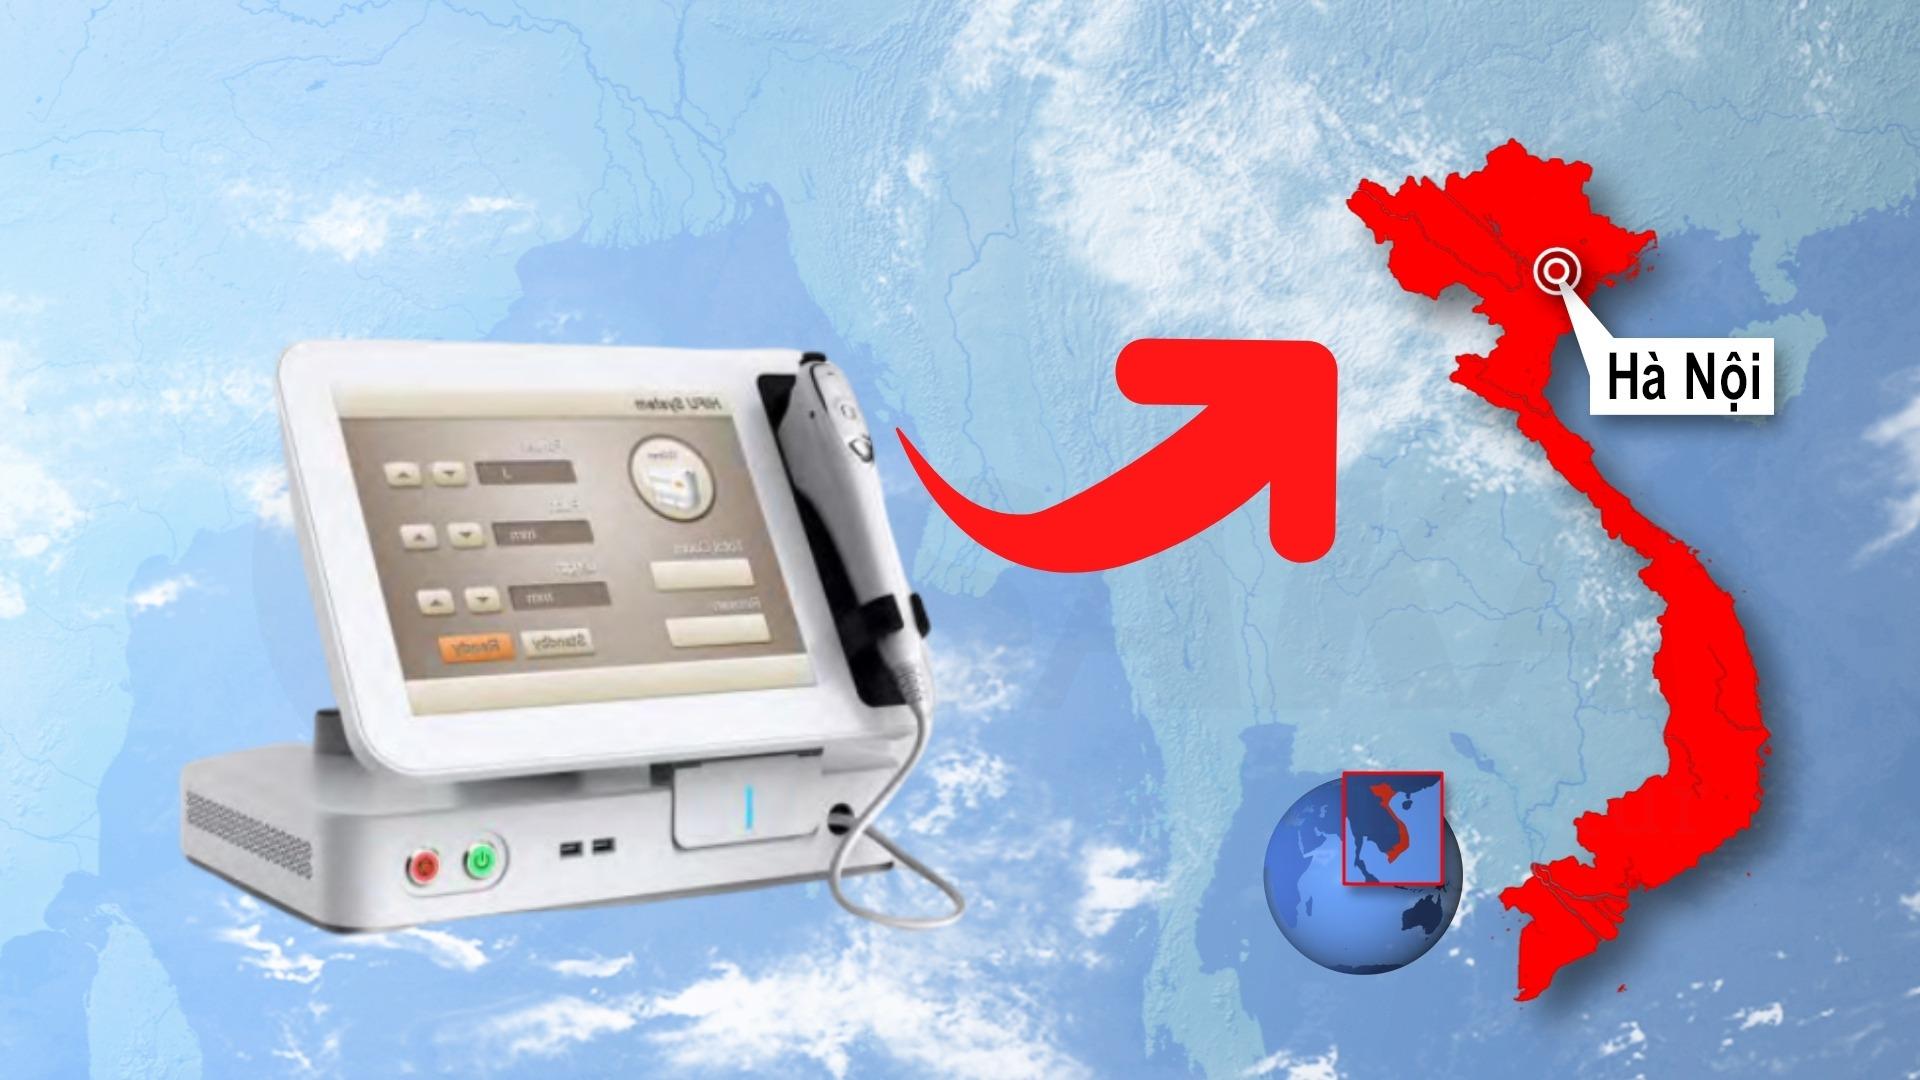 Địa chỉ mua máy HIFU giá tốt tại Hà Nội